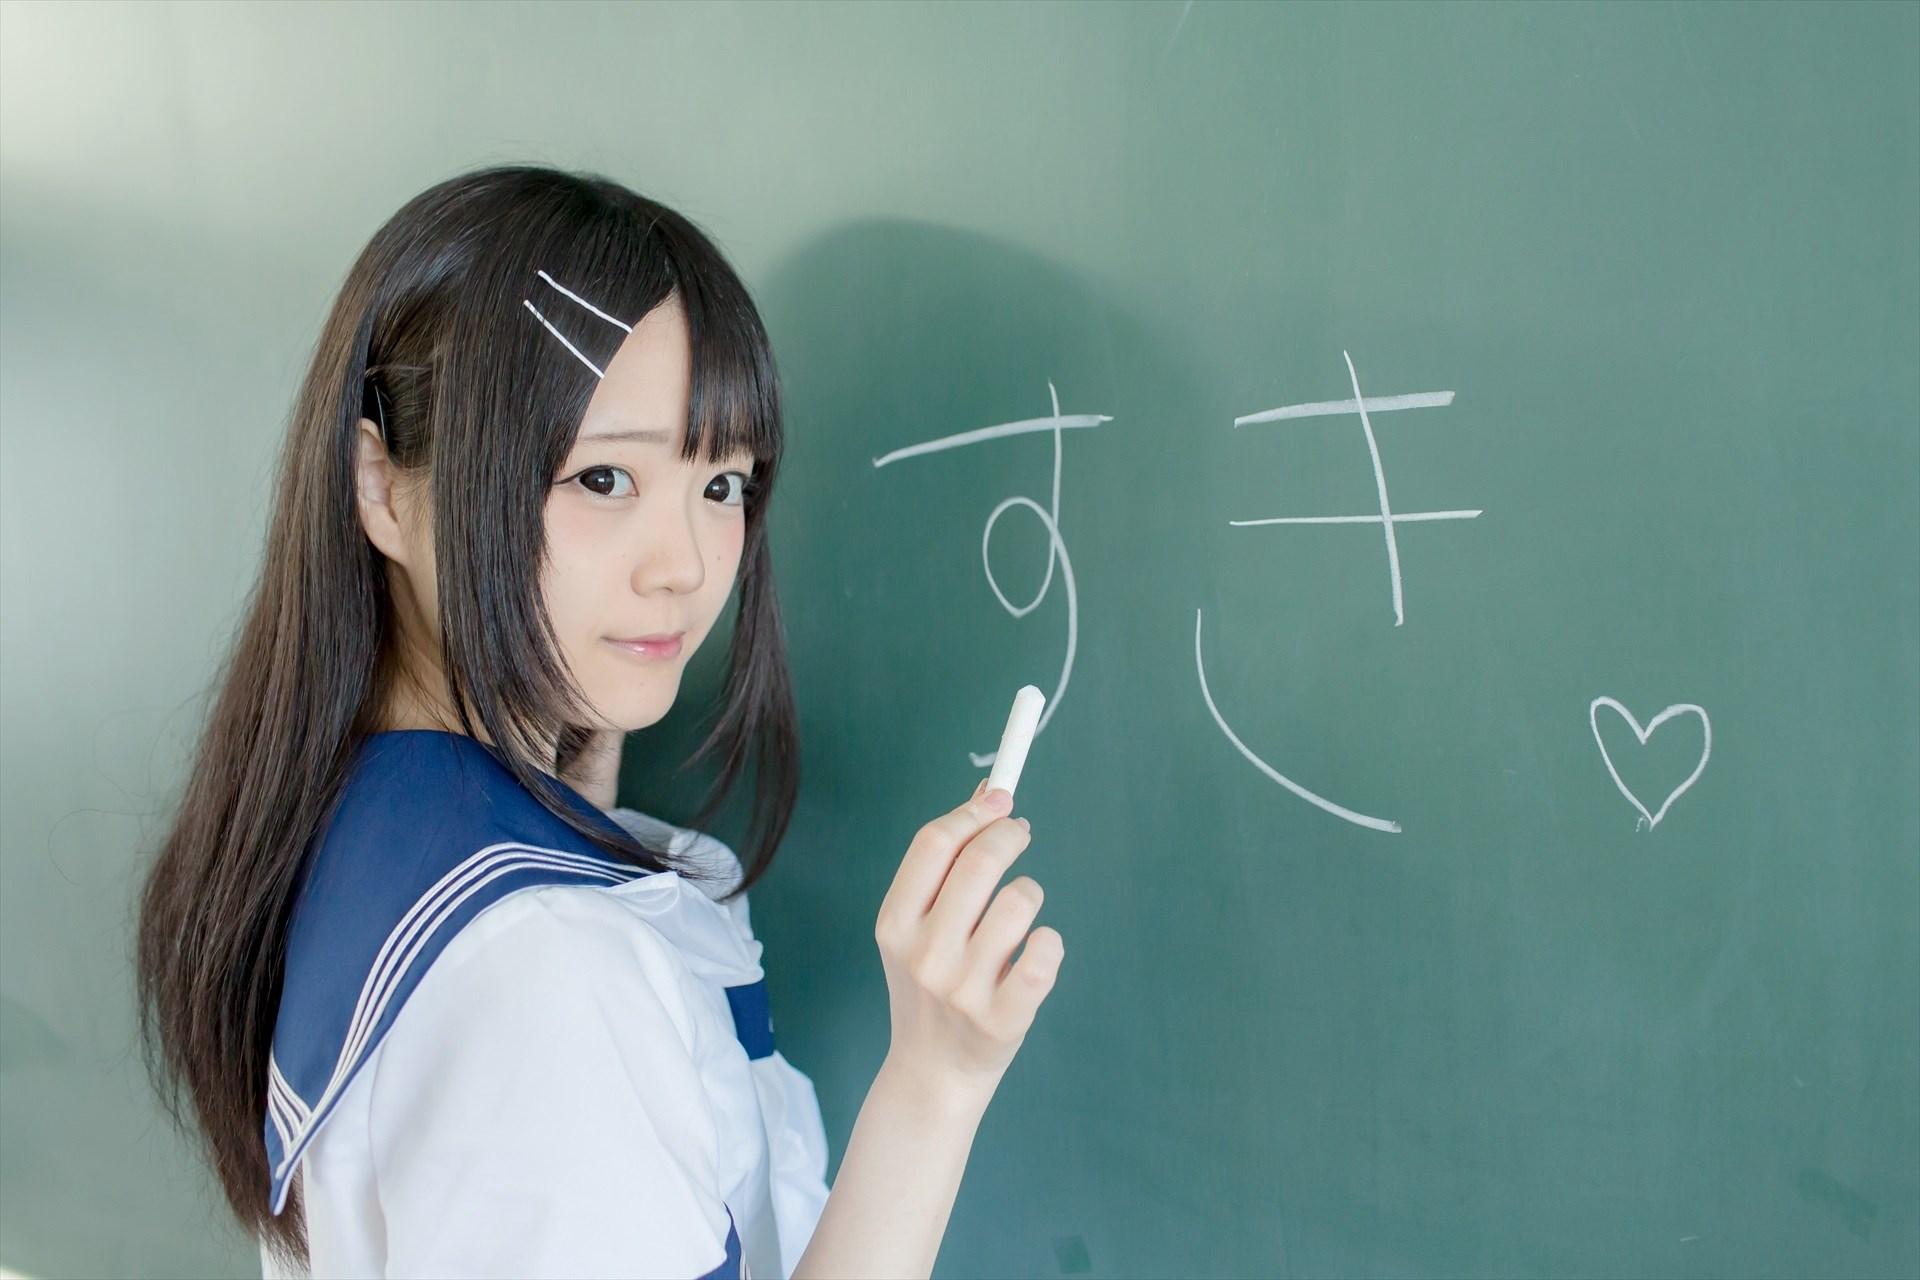 【兔玩映画】教室里的死库水 兔玩映画 第59张